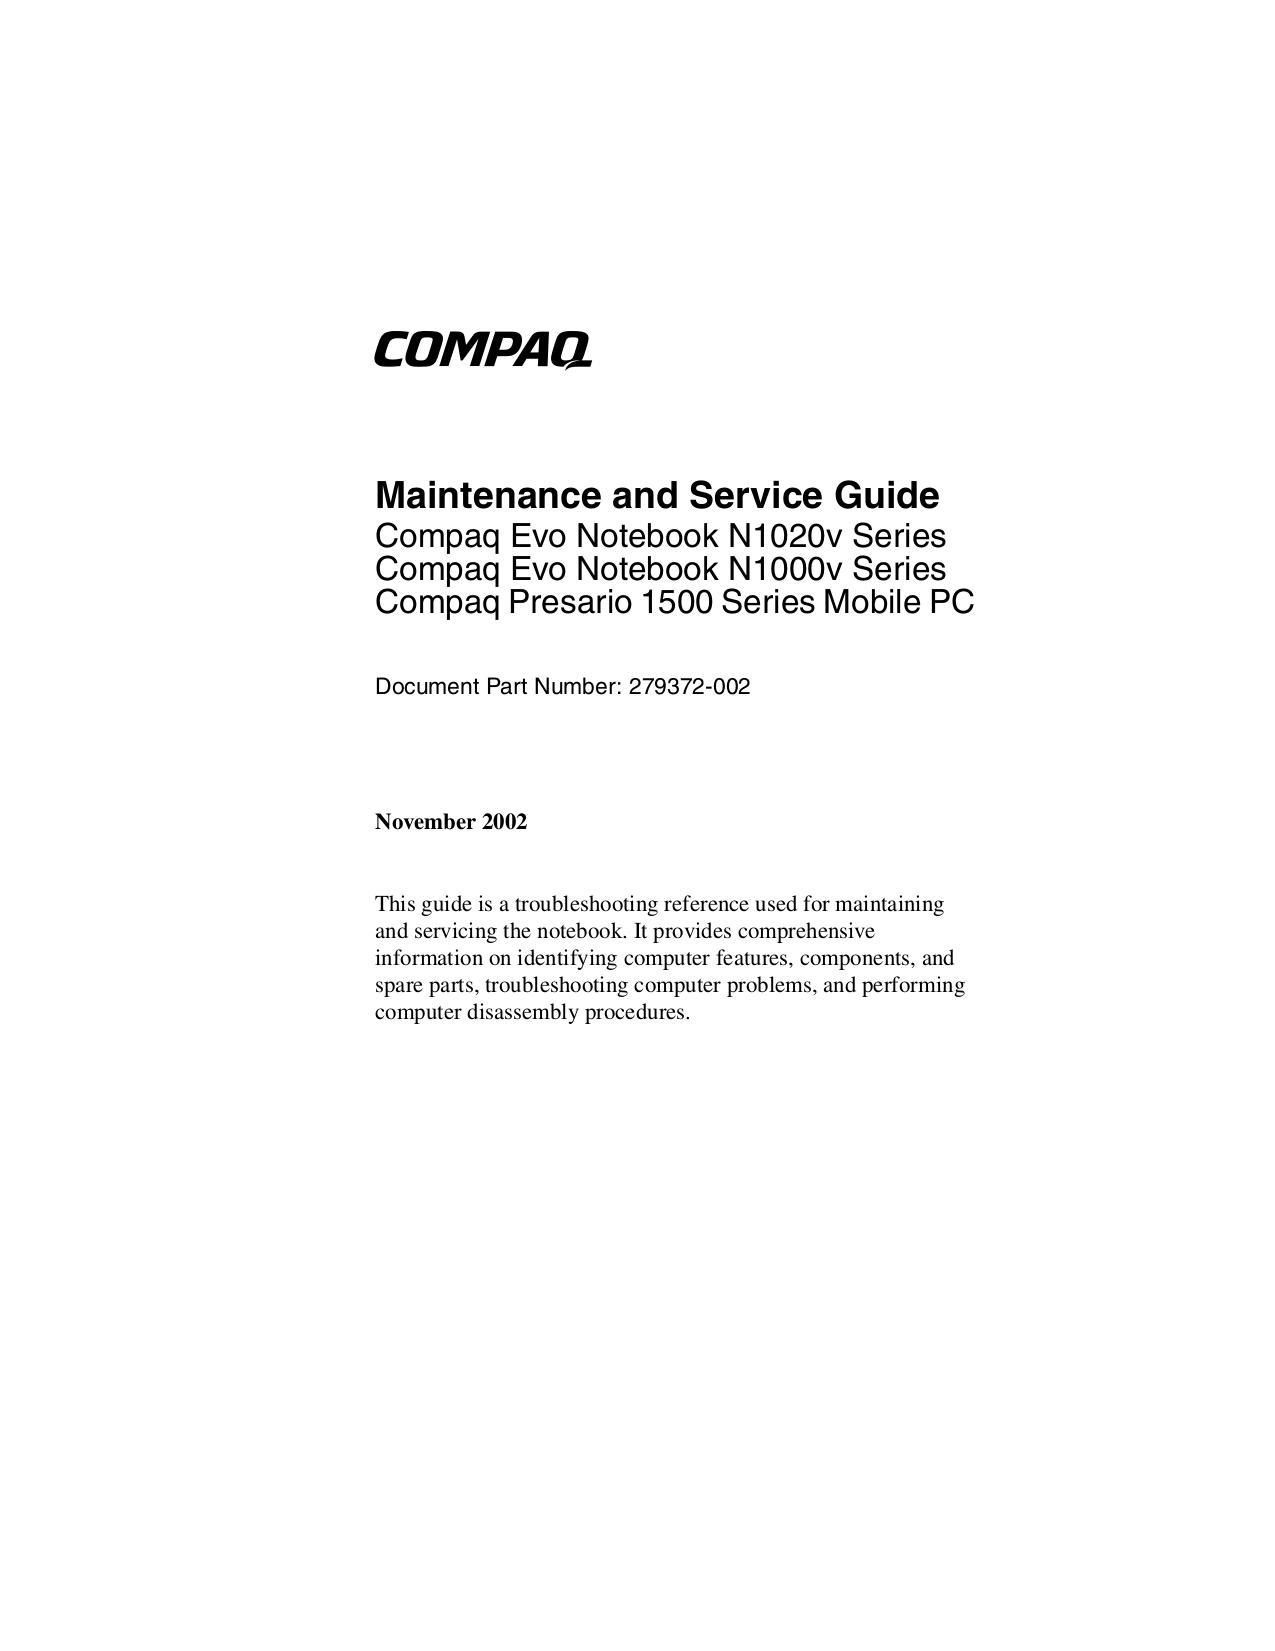 pdf for IBM Laptop ThinkPad 560E manual